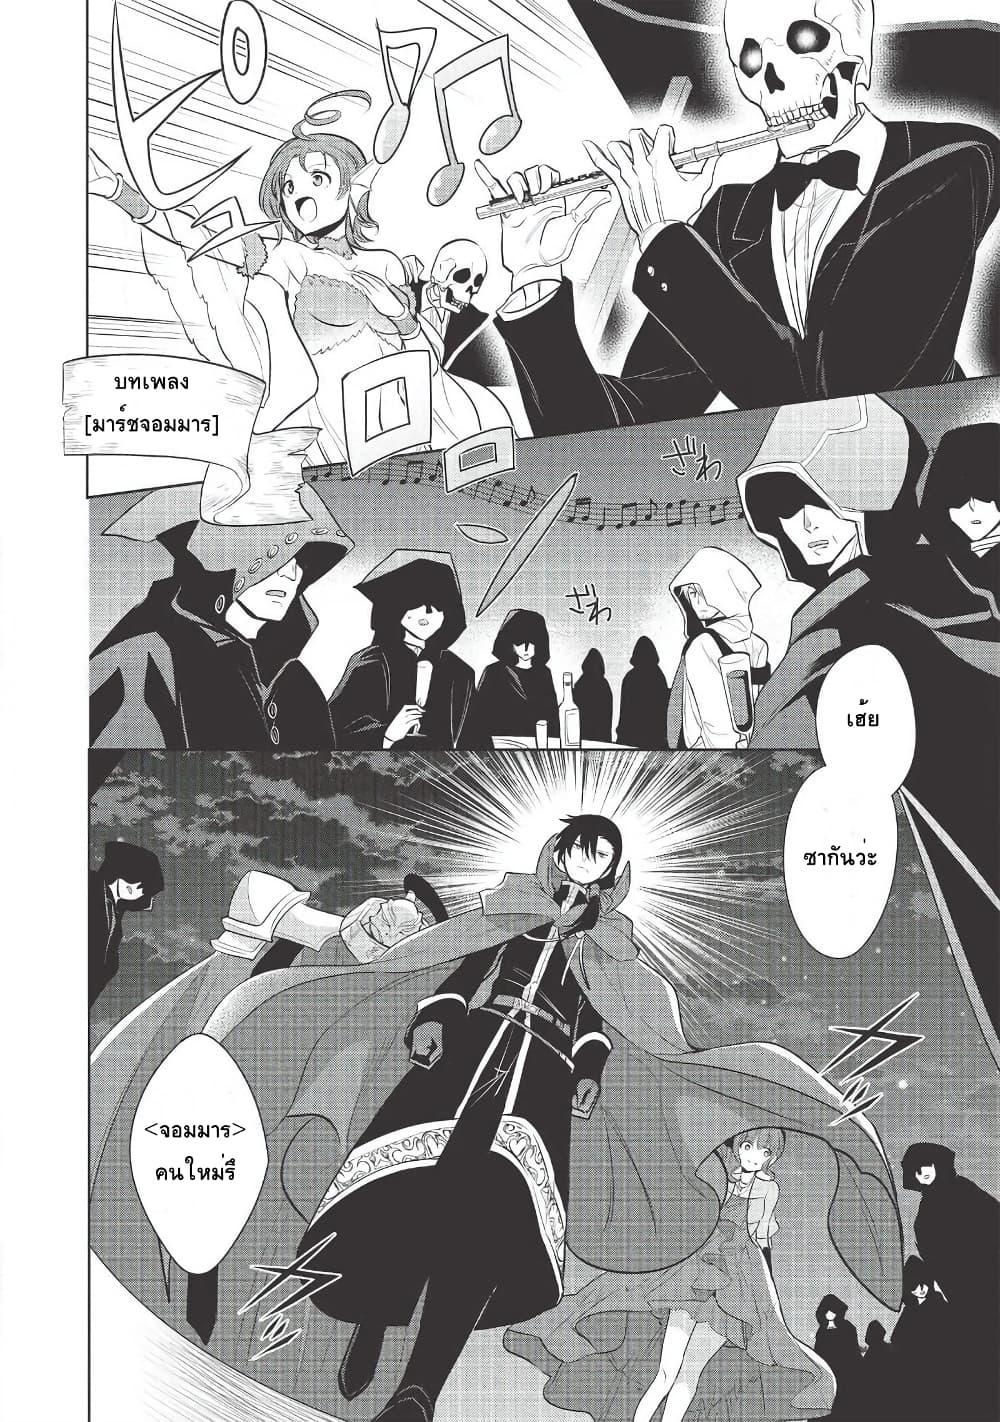 อ่านการ์ตูน Maou no Ore ga Dorei Elf wo Yome ni Shitanda ga Dou Medereba Ii ตอนที่ 27 หน้าที่ 27